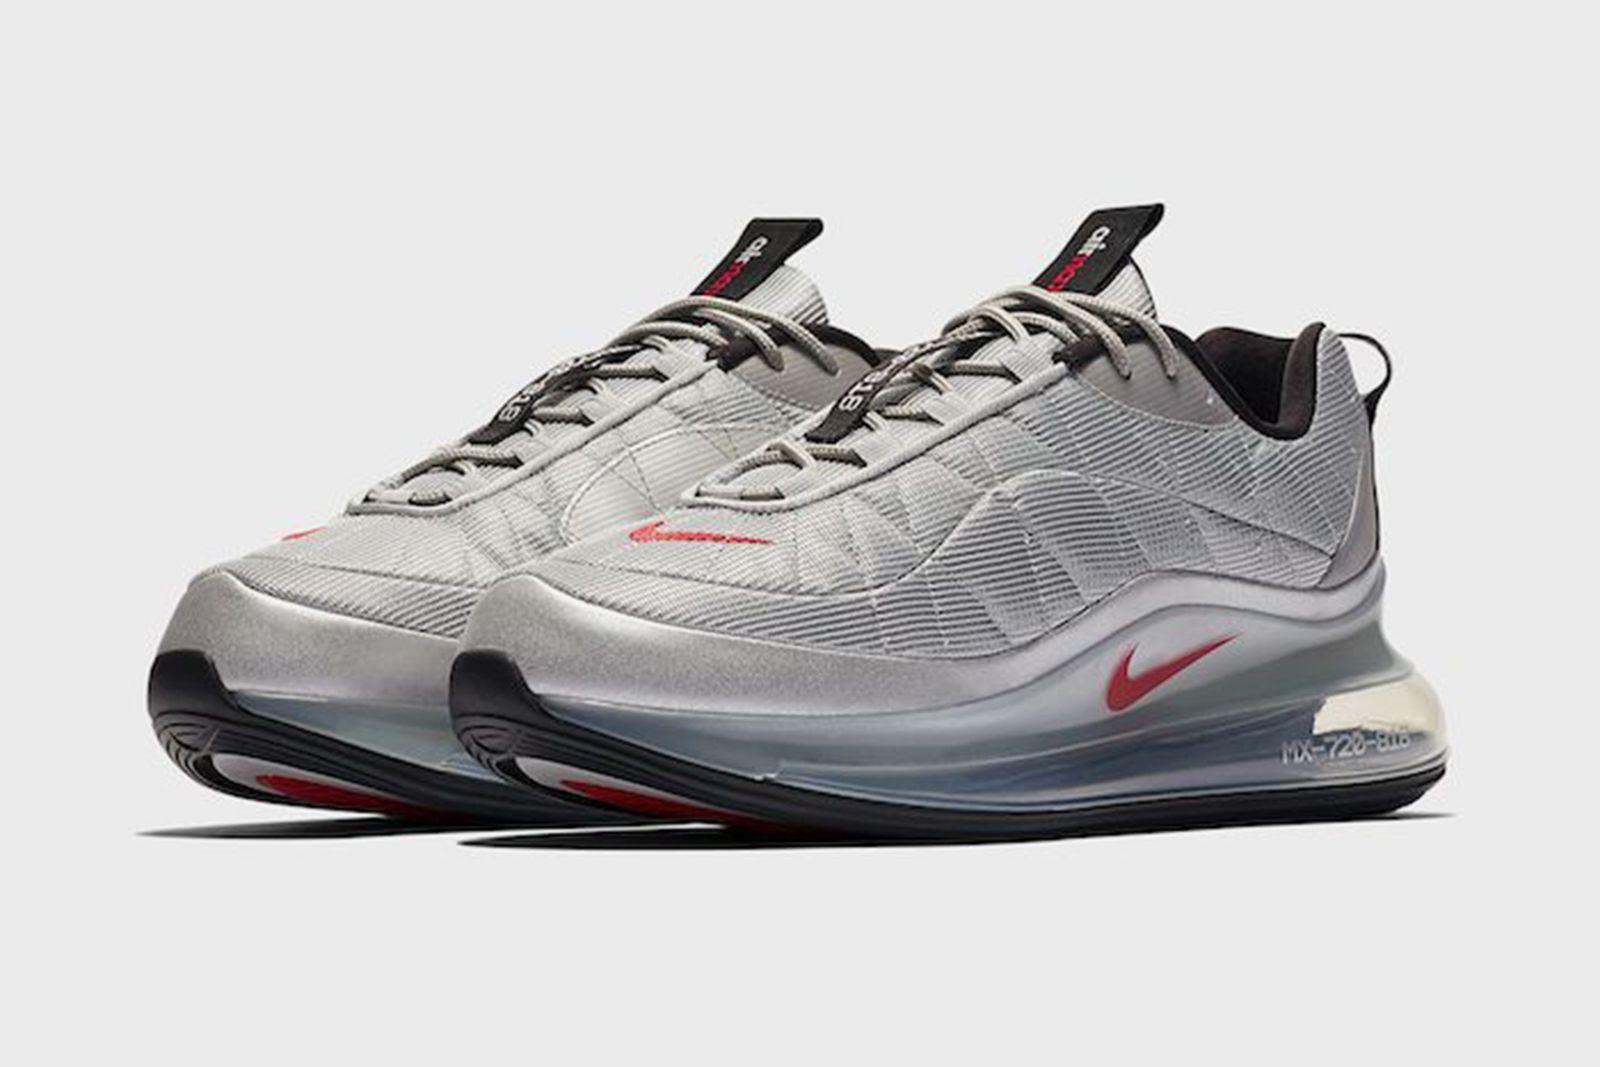 Nike Air Max 97 Air Max 270